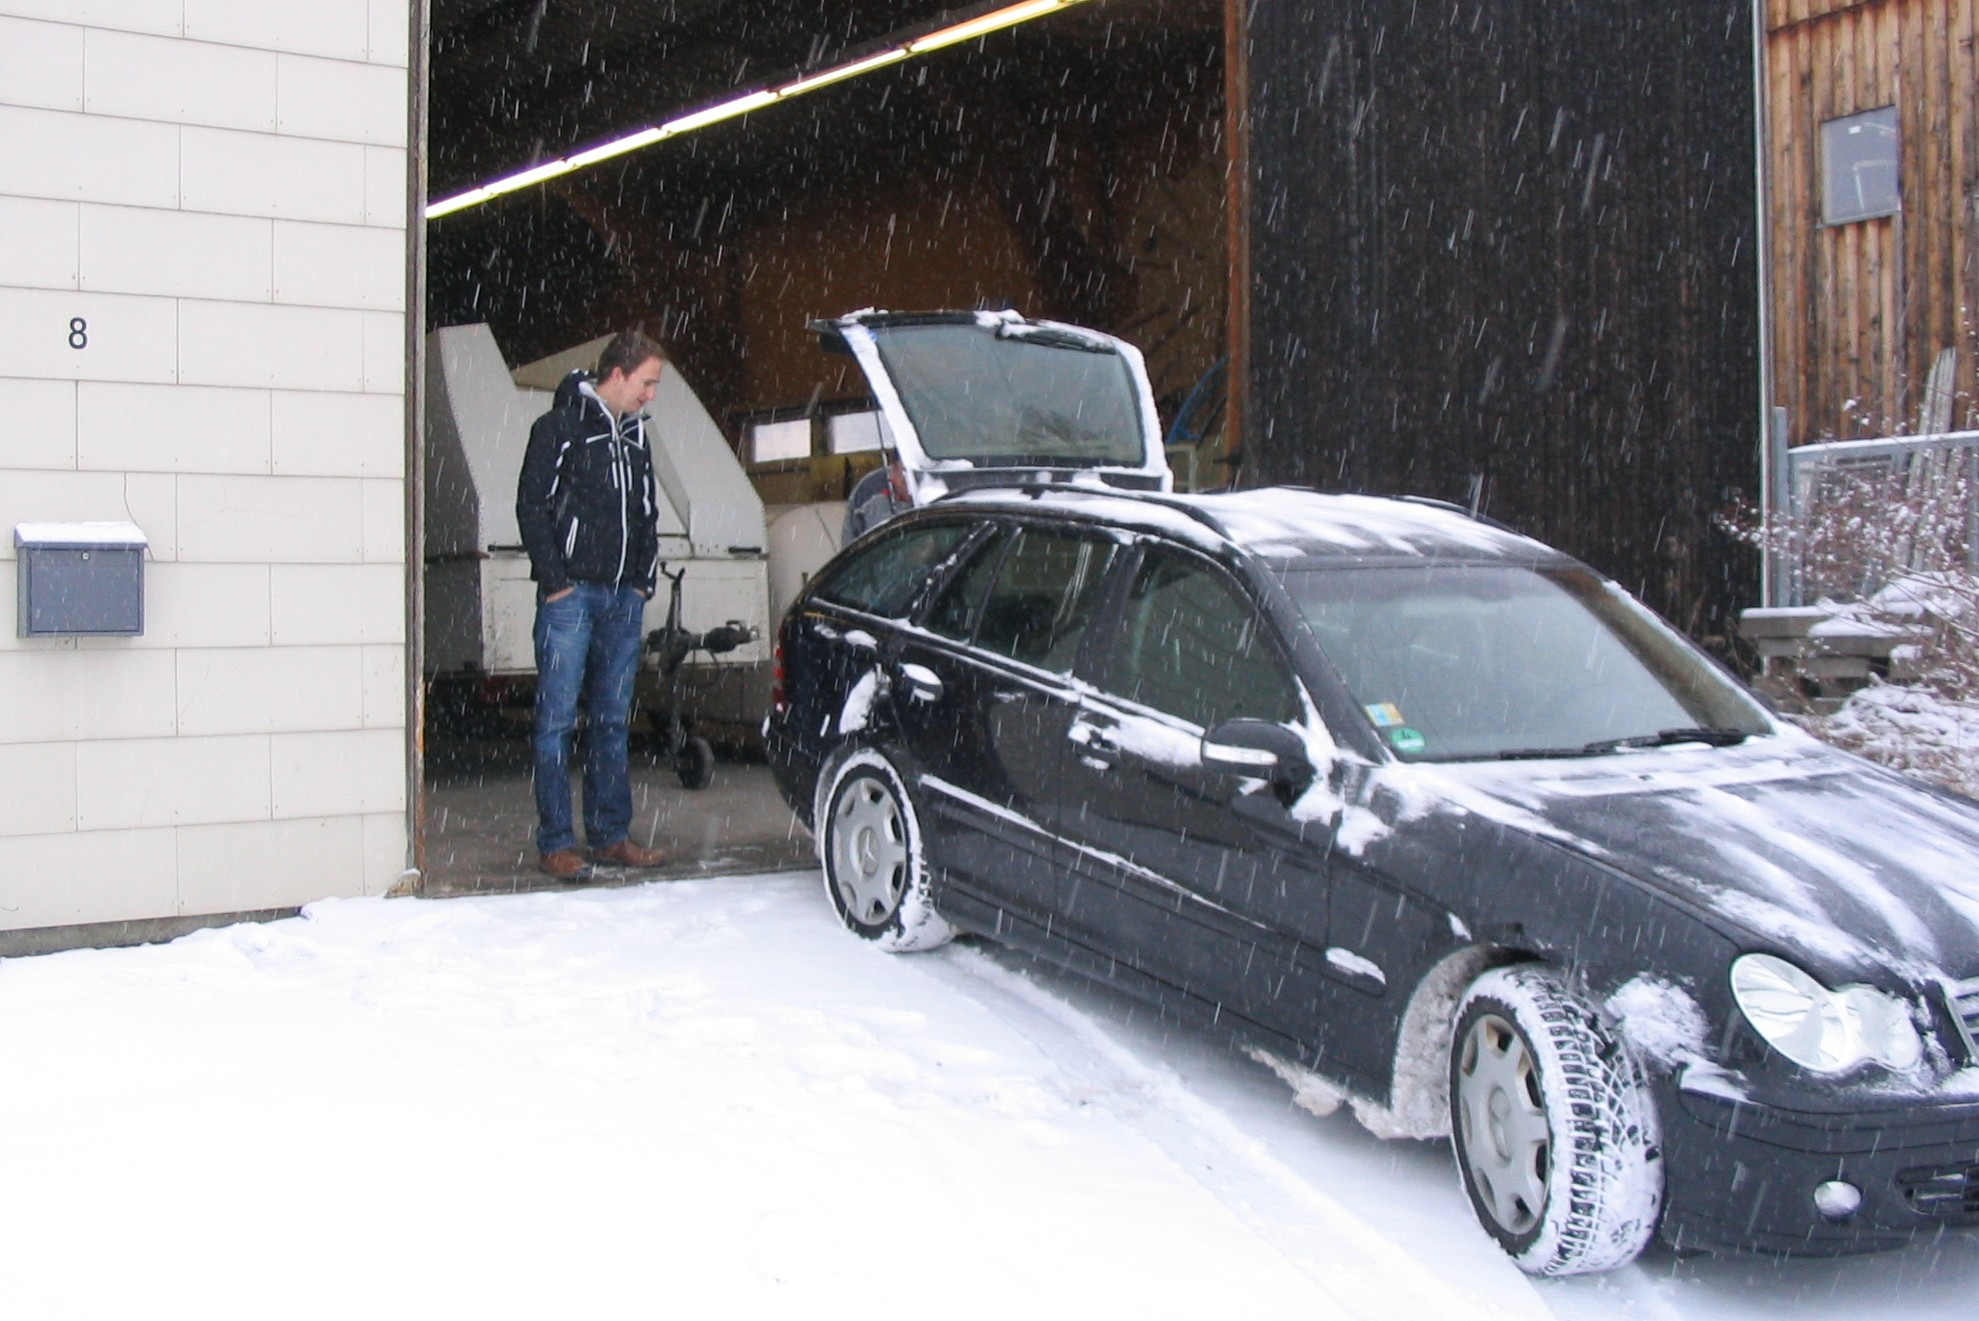 Transport des Rumpfes nach Heubach bei Eis und Schnee